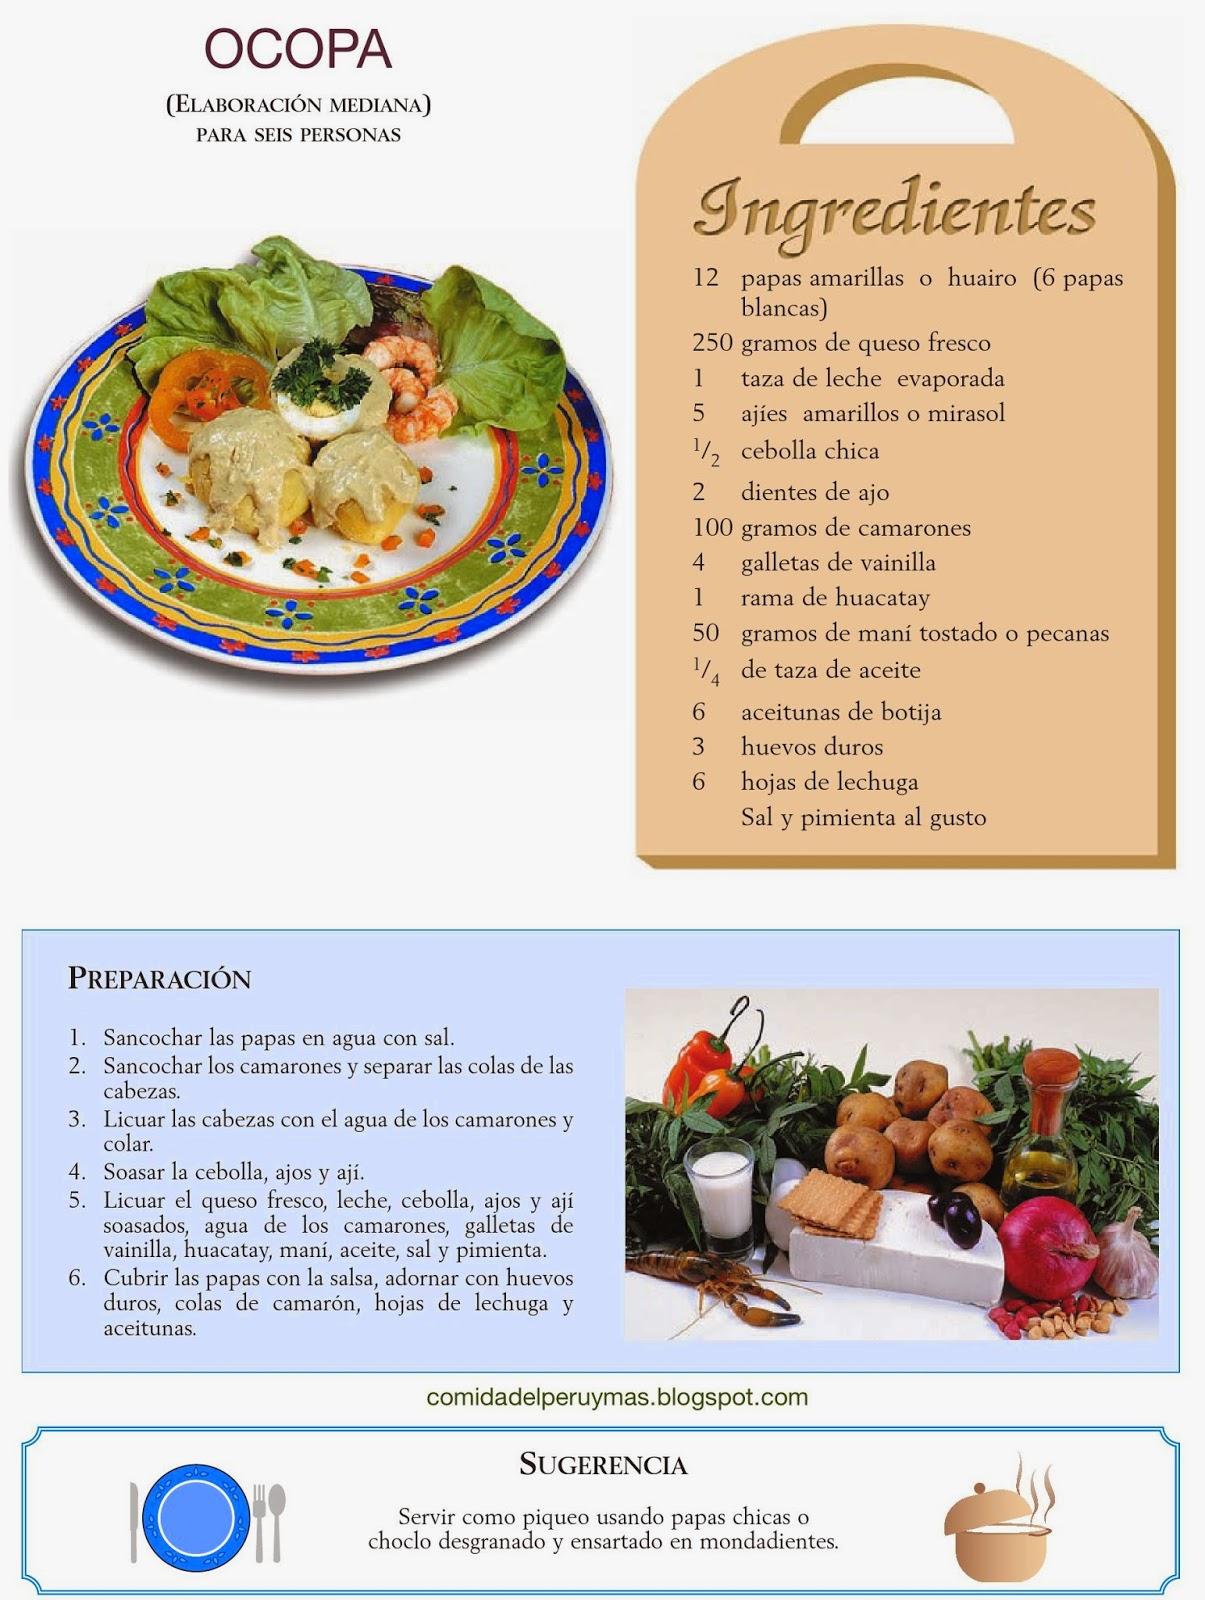 Como preparar ocopa receta sencilla recetas de comida for Cocina 5 ingredientes jamie